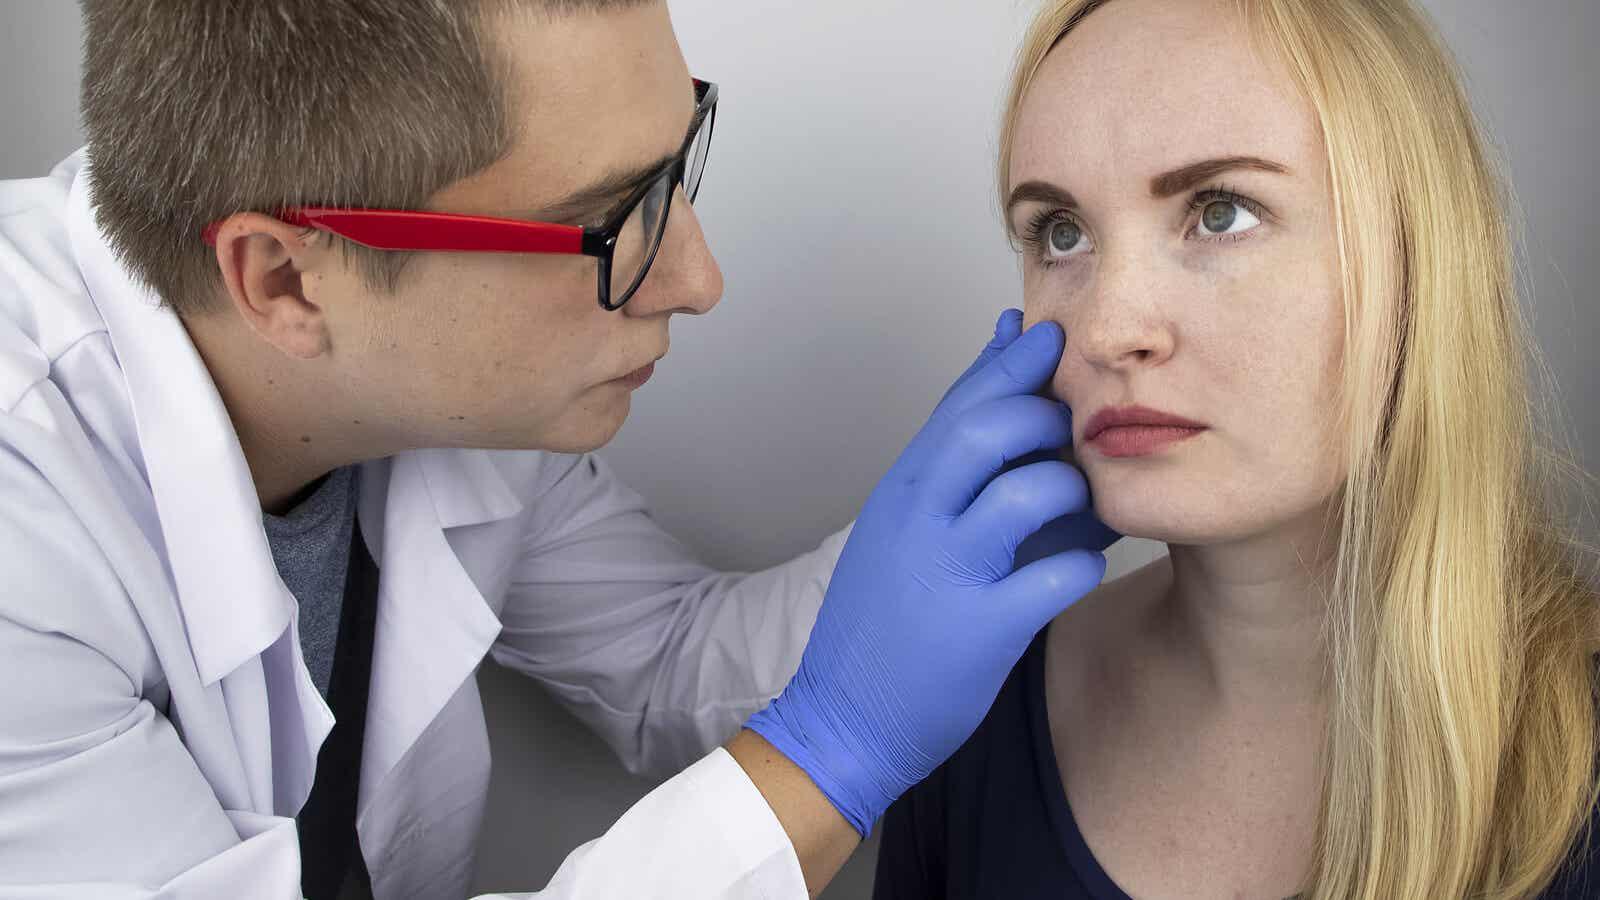 Uveítis posterior: diagnóstico y tratamiento